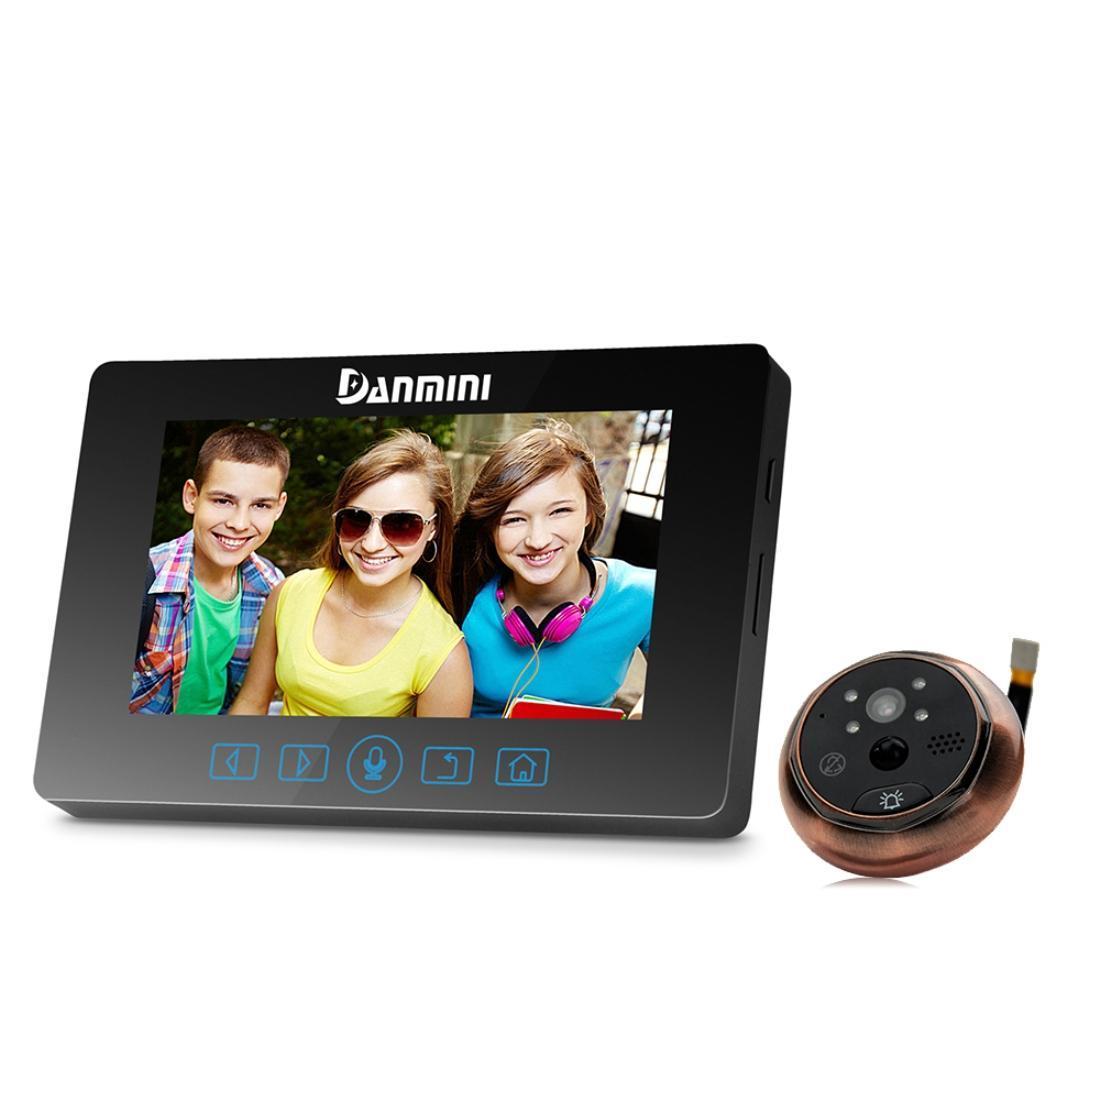 Danmini YB-43HD-MT 4.3 بوصة شاشة 3.0mp كاميرا أمنية لا إزعاج ثقب الباب العارض الرقمية ثقب الباب جرس الباب مع مفاتيح اللمس، دعم nigh